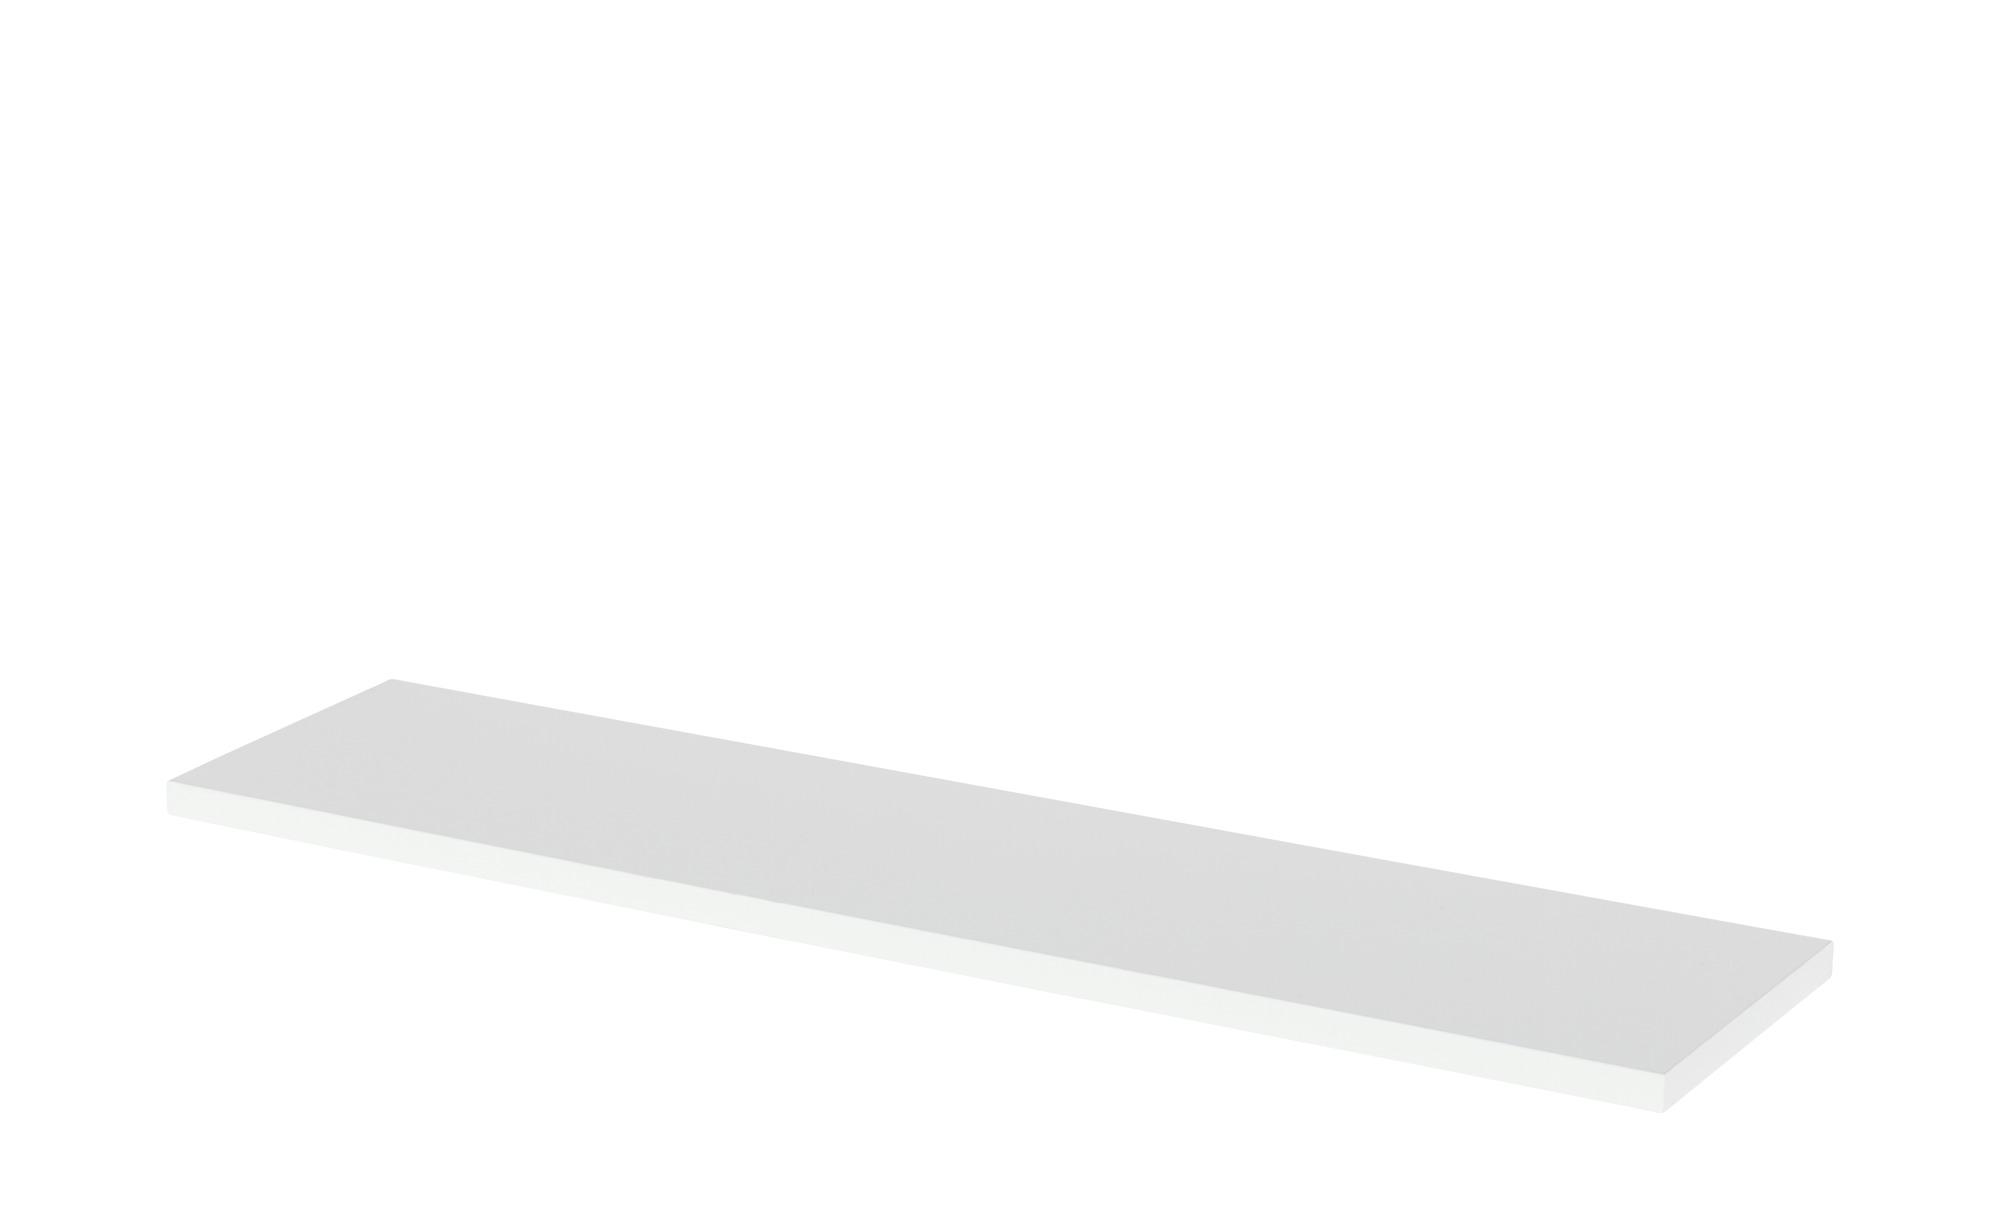 Wandboard Moritz, gefunden bei Möbel Höffner